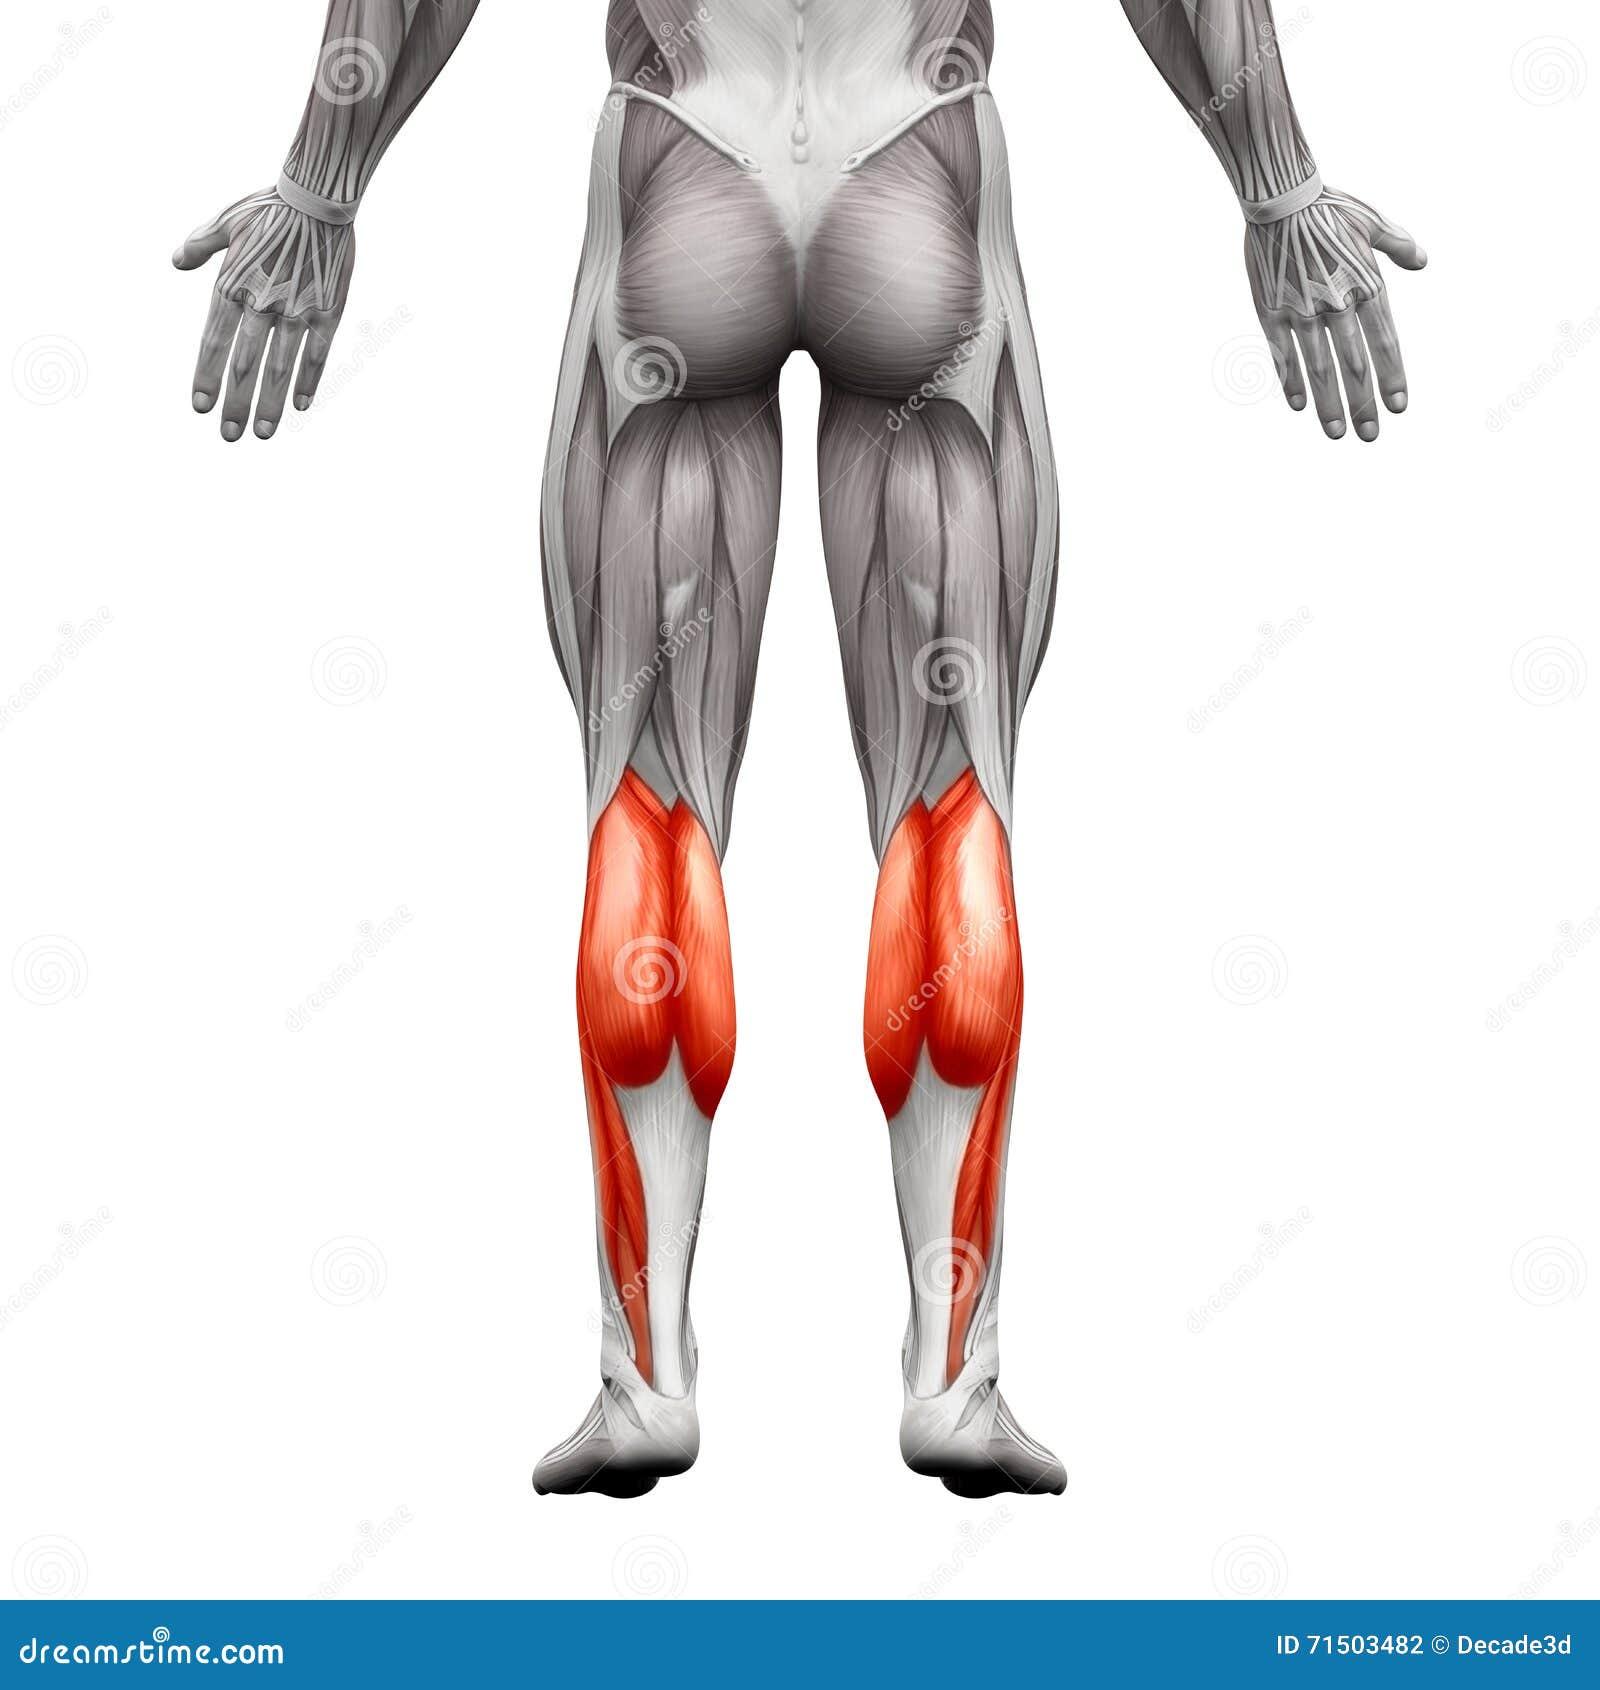 Ungewöhnlich Trizeps Muskel Ideen - Anatomie Und Physiologie Knochen ...